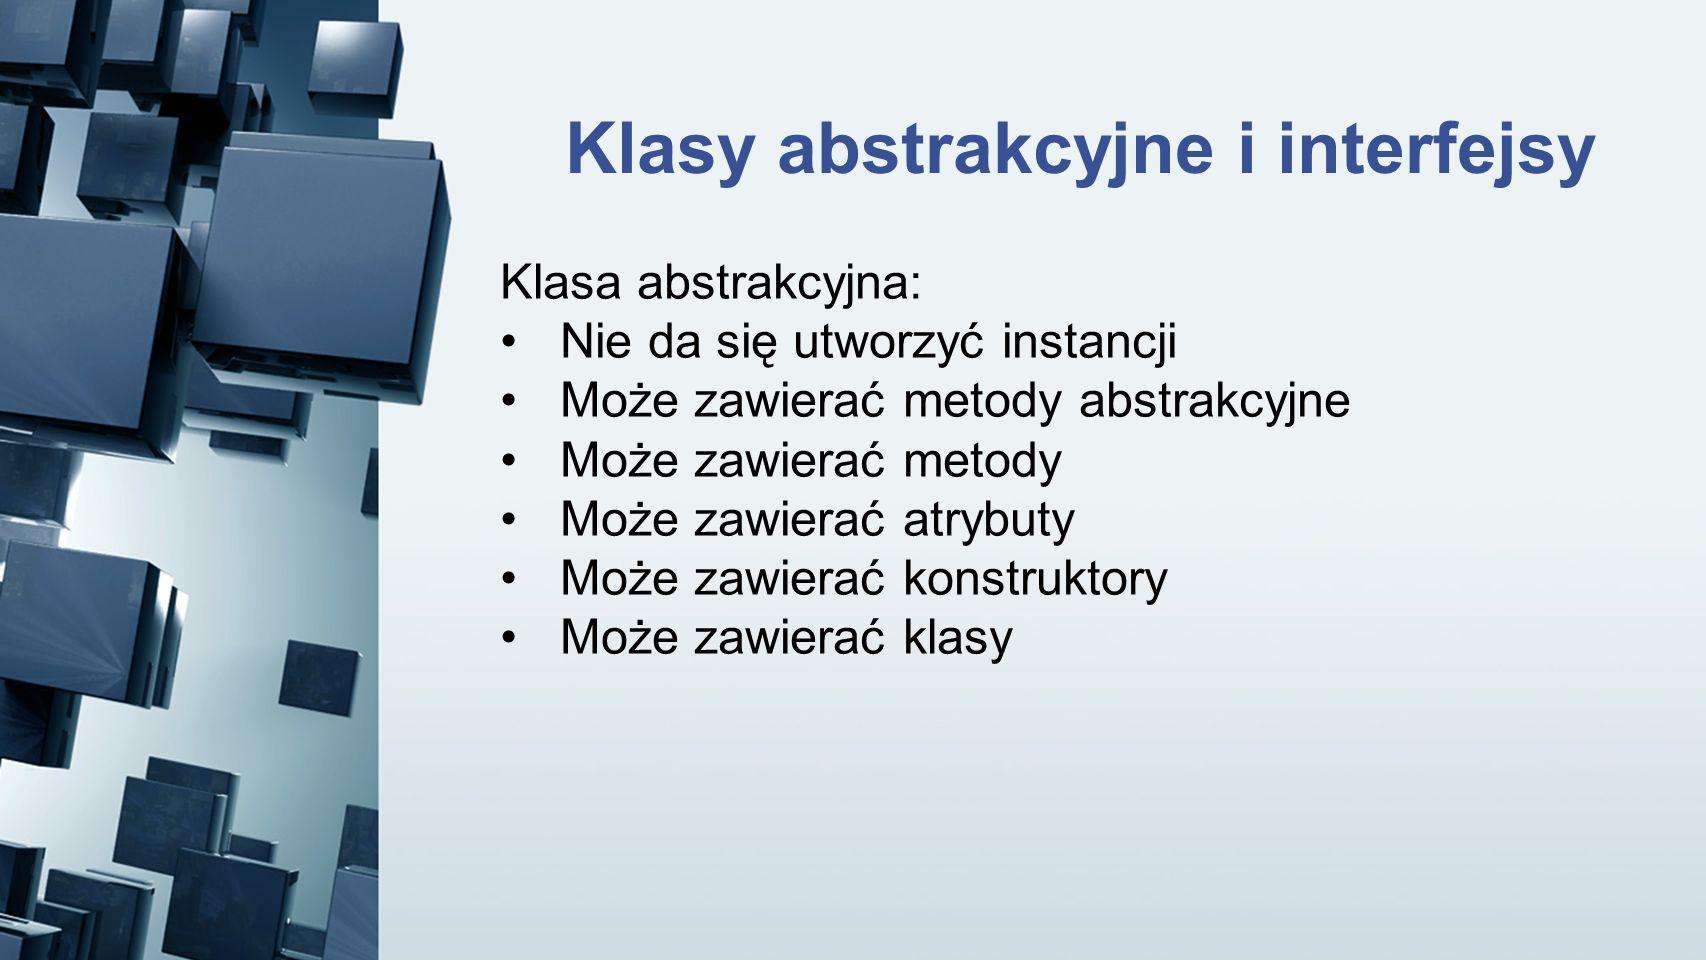 Klasy abstrakcyjne i interfejsy Klasa abstrakcyjna: Nie da się utworzyć instancji Może zawierać metody abstrakcyjne Może zawierać metody Może zawierać